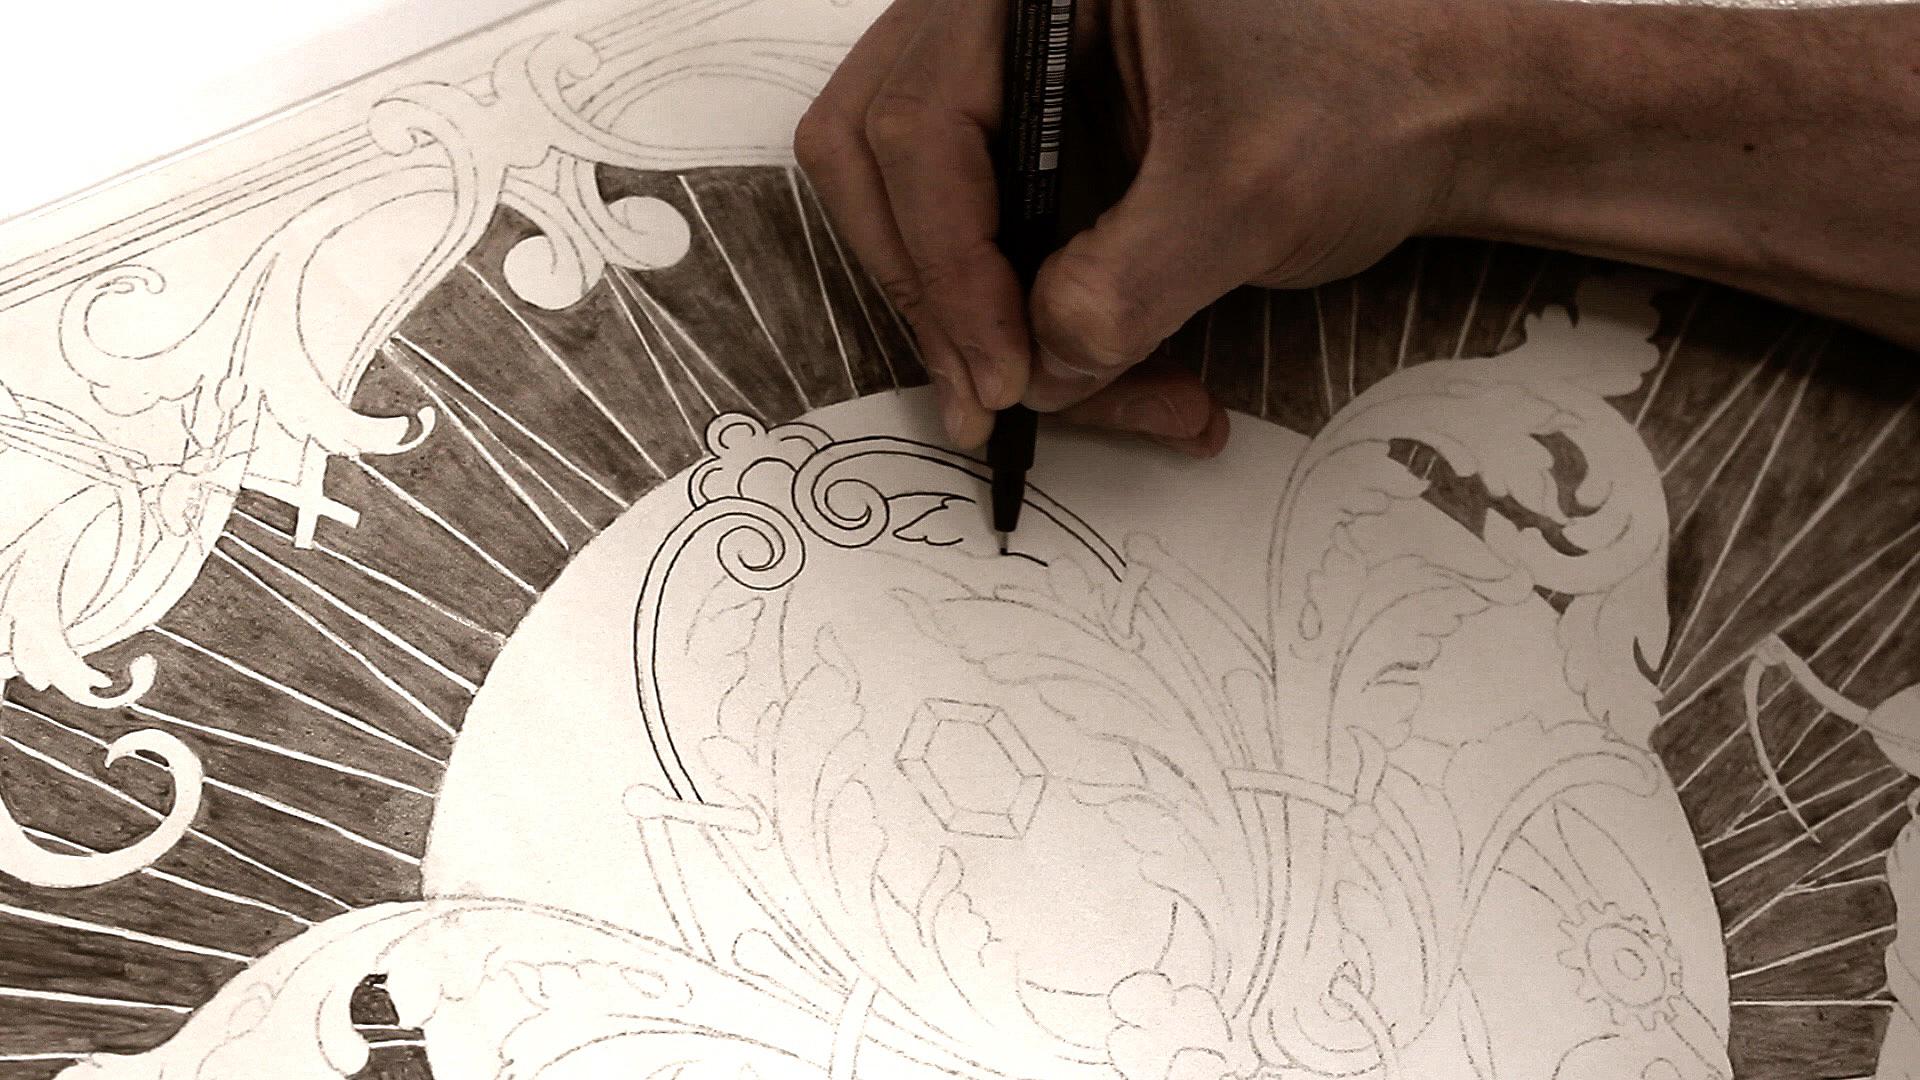 joe-fenton-surrealismo-ilustracao-arte-escultura-11